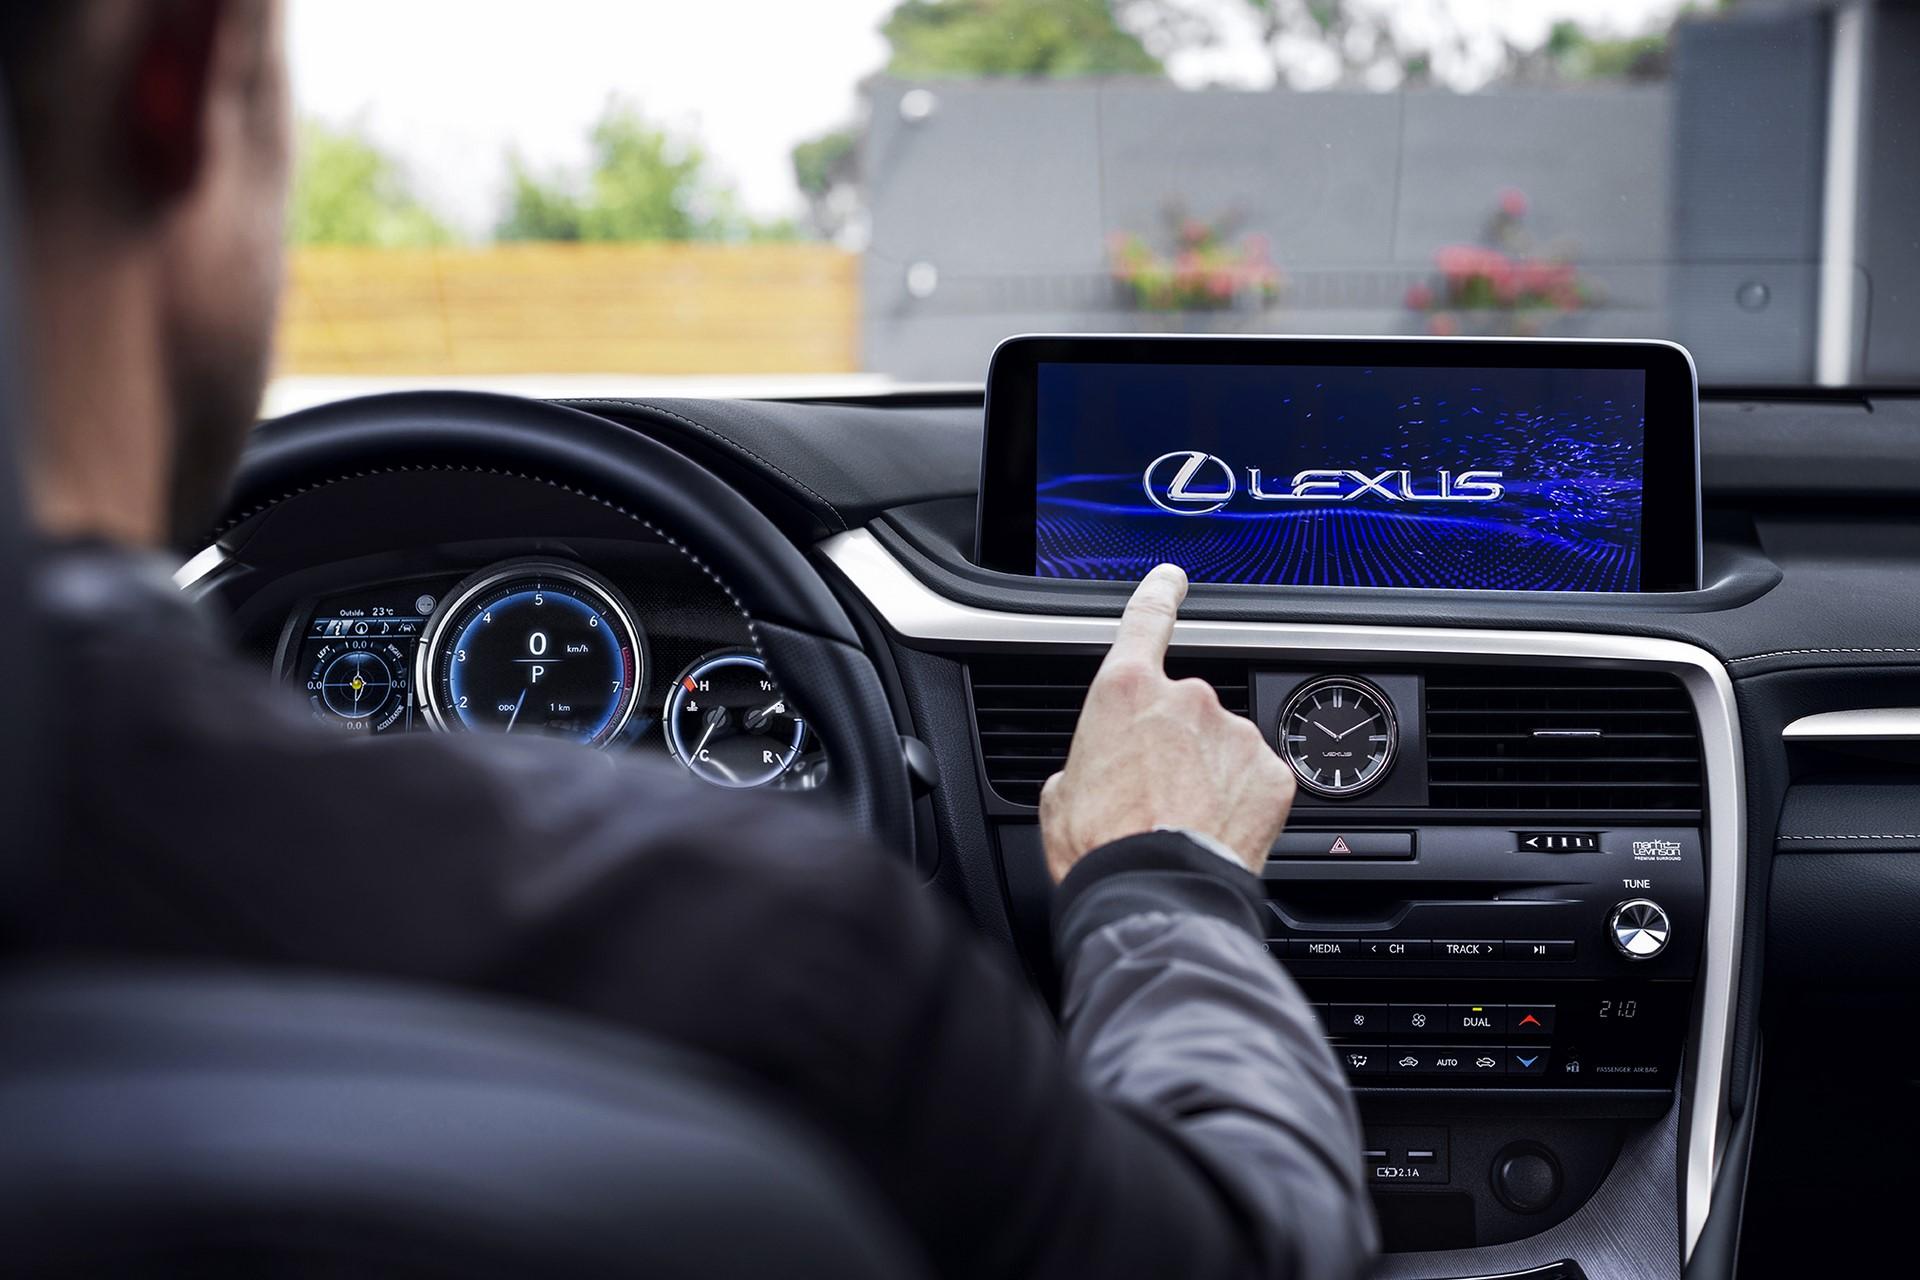 2020_Lexus_RX350_FSPORT_14_5CBE9C9A4D657670D6FD0077B2793CF97C343192